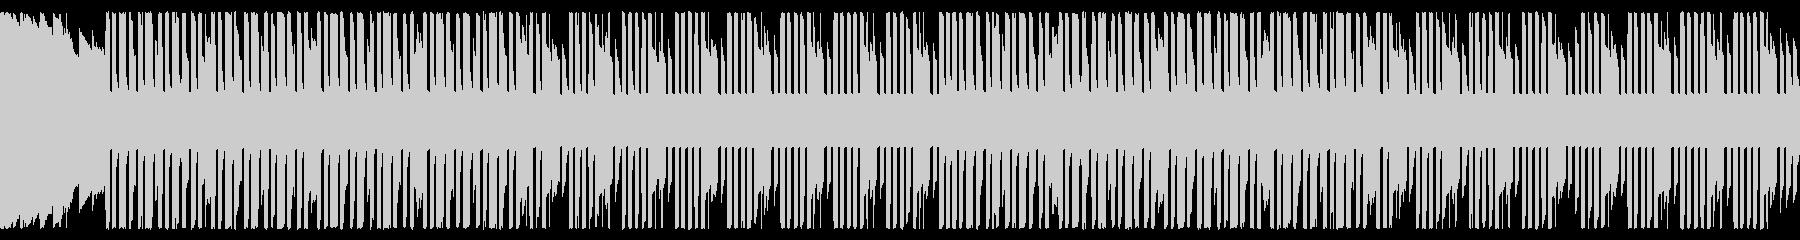 ウキウキチップチューン 8bit ループの未再生の波形